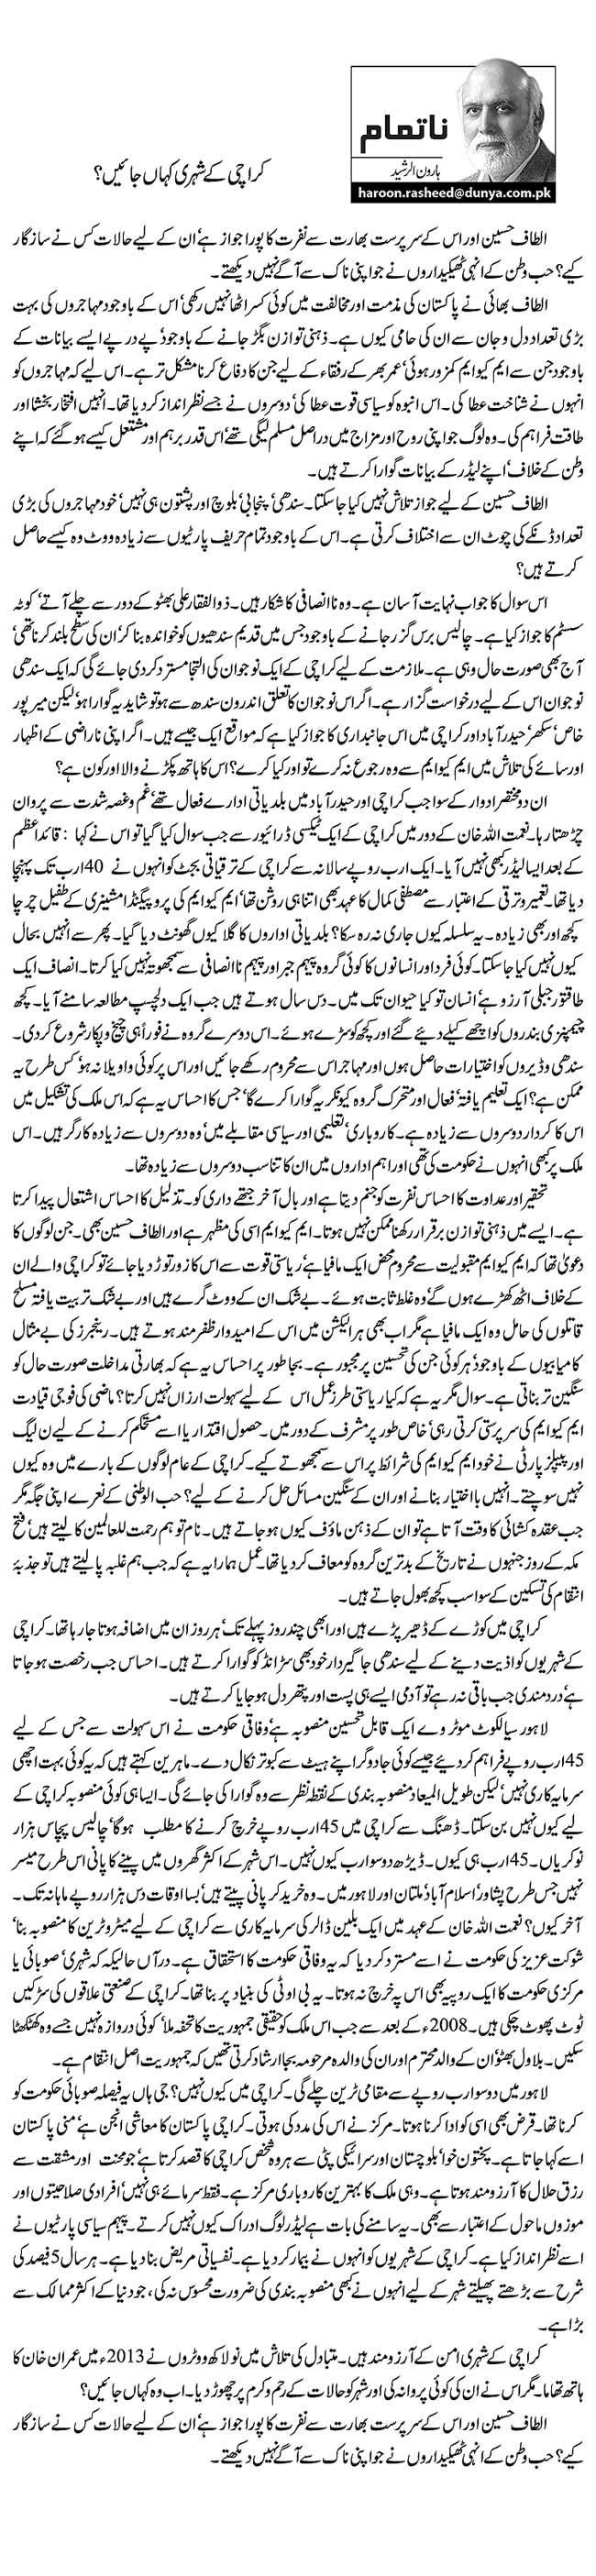 کراچی کے شہری کہاں جائیں؟